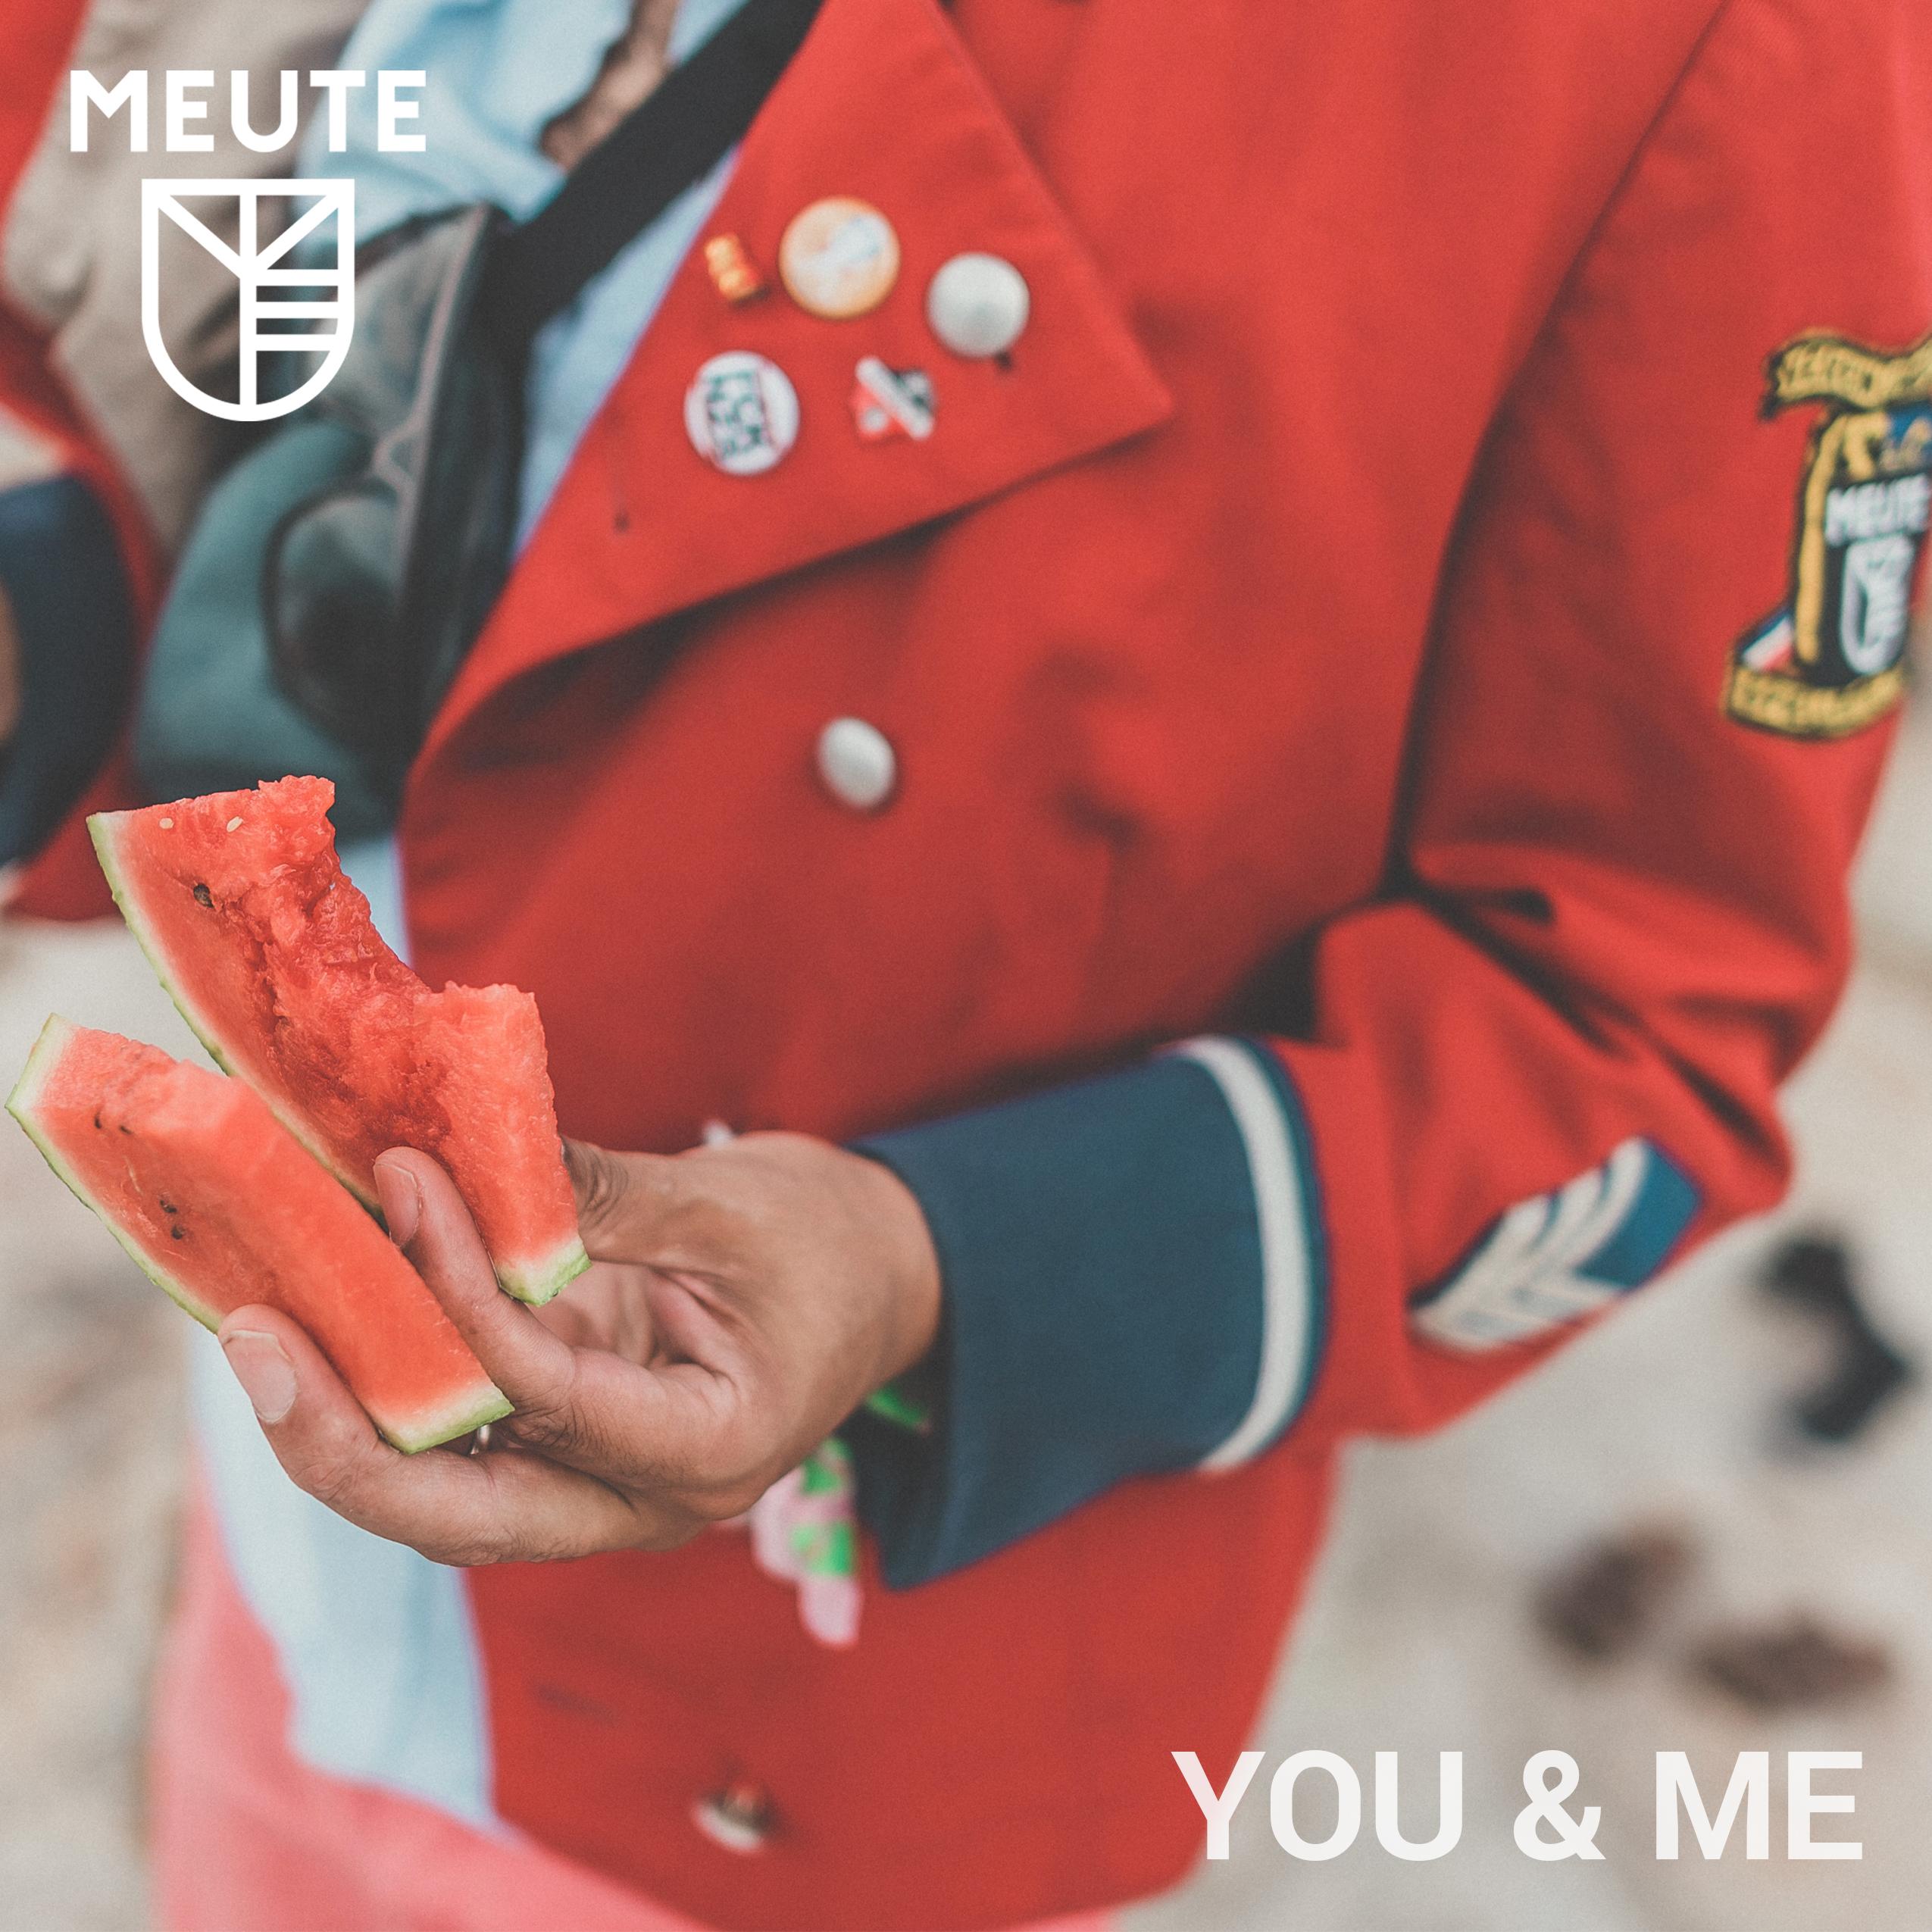 Meute : Nouvelle track